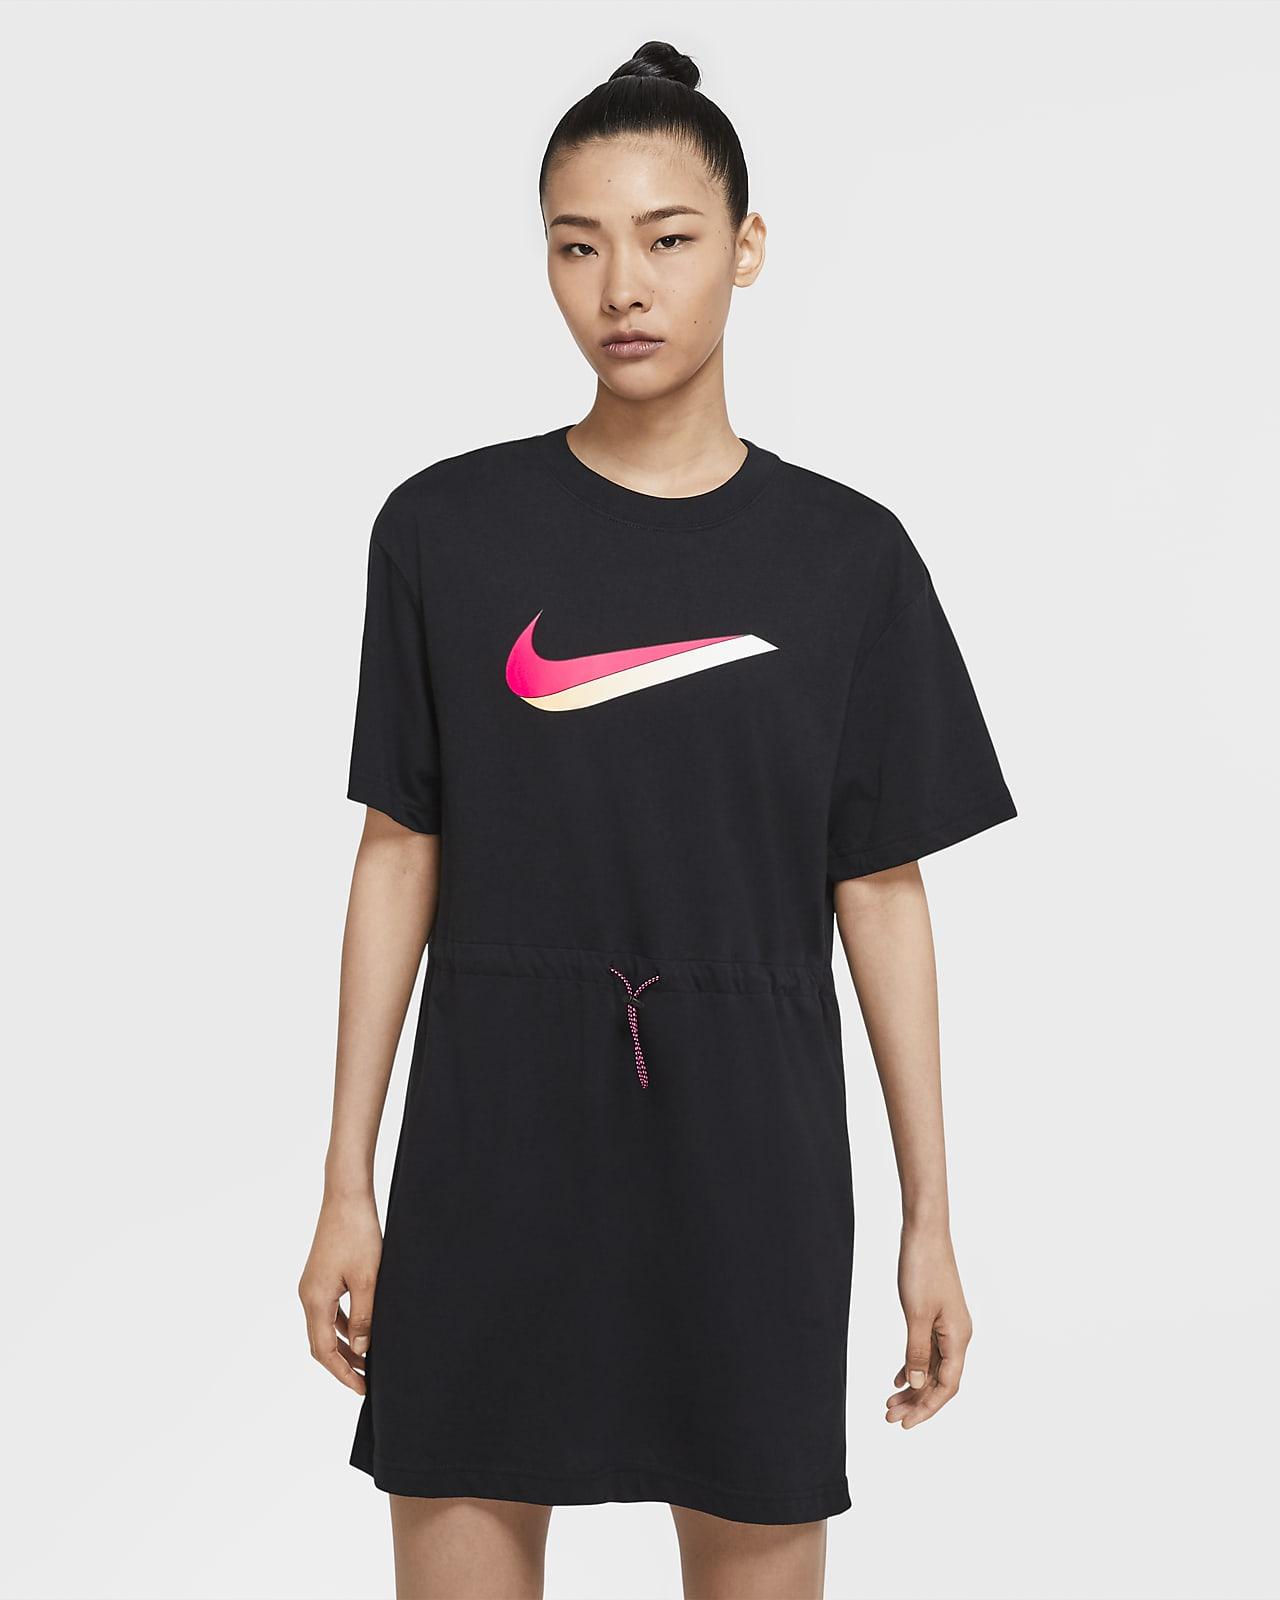 Nike Sportswear Women's Short-Sleeve Dress